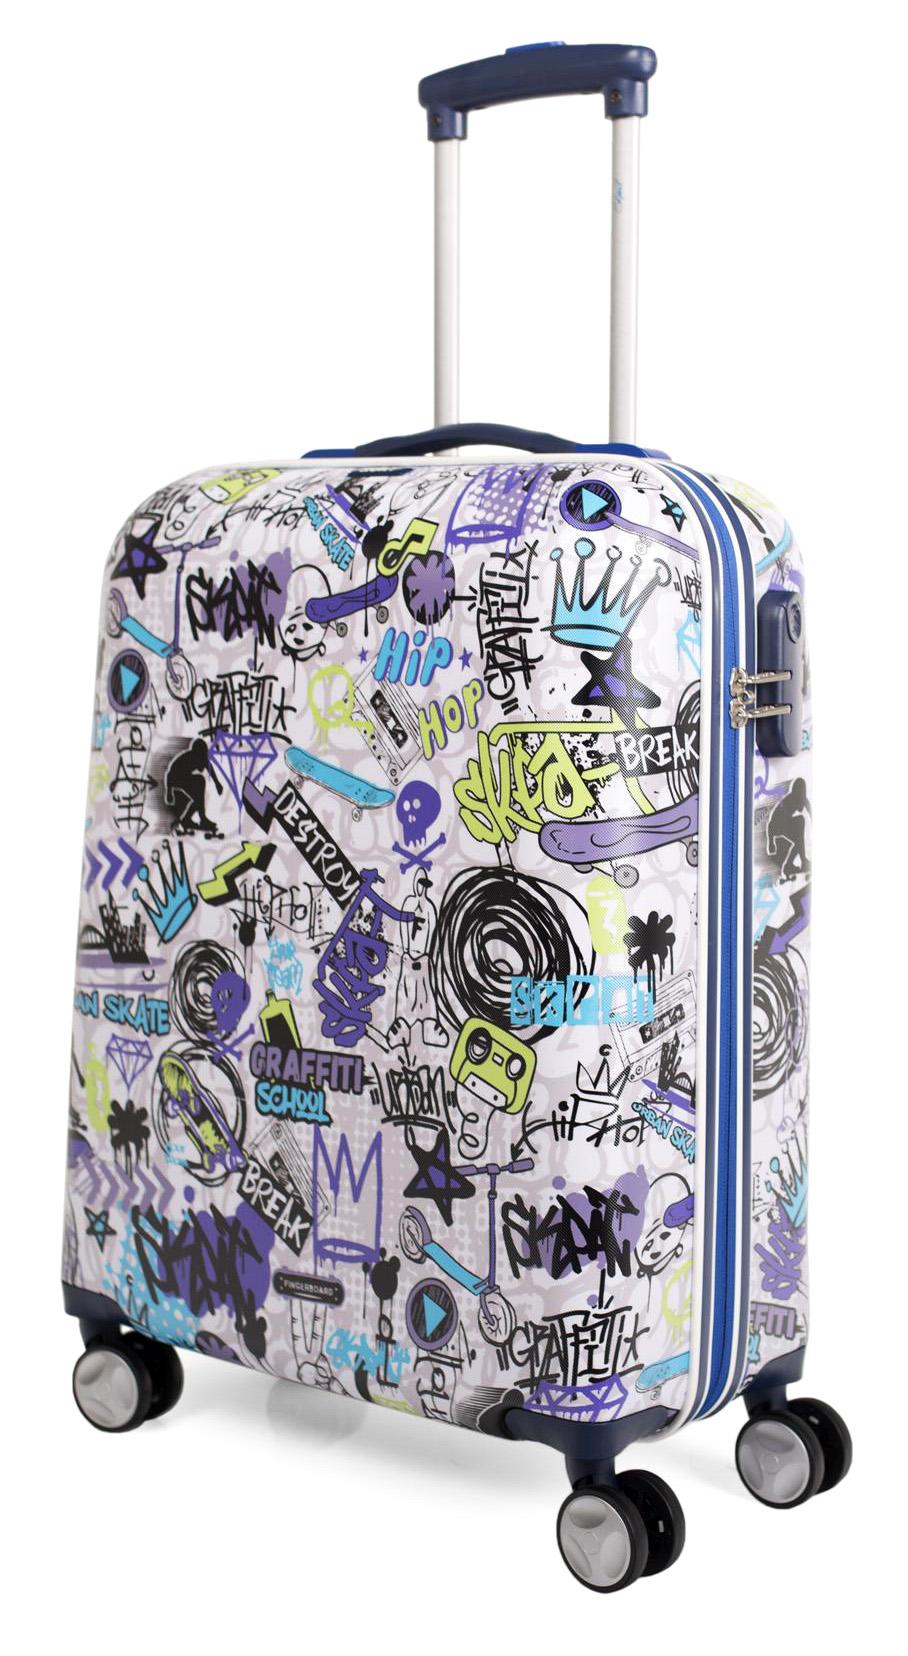 2a10abdb6 maletas de skapa t Archivos - Mochilas y maletas MOCHIVAL